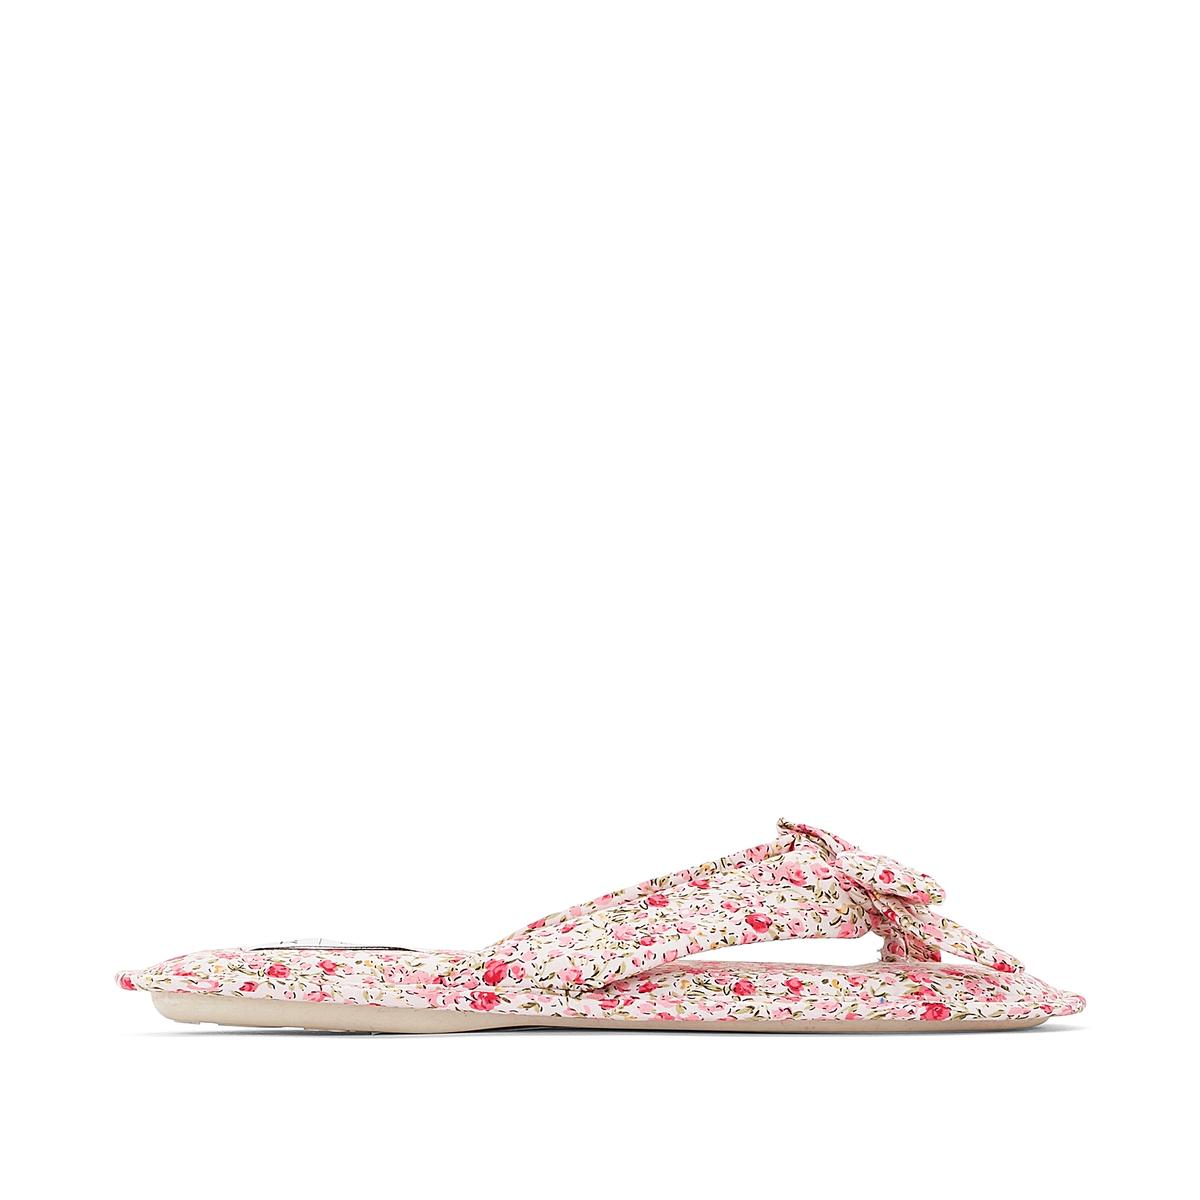 Мягкие туфли с цветочным рисункомВерх/голенище  : текстиль                                                    Подкладка : текстиль                                                    Стелька : текстиль                                                    Подошва : эластомер<br><br>Цвет: рисунок либерти<br>Размер: 36.41.39.38.37